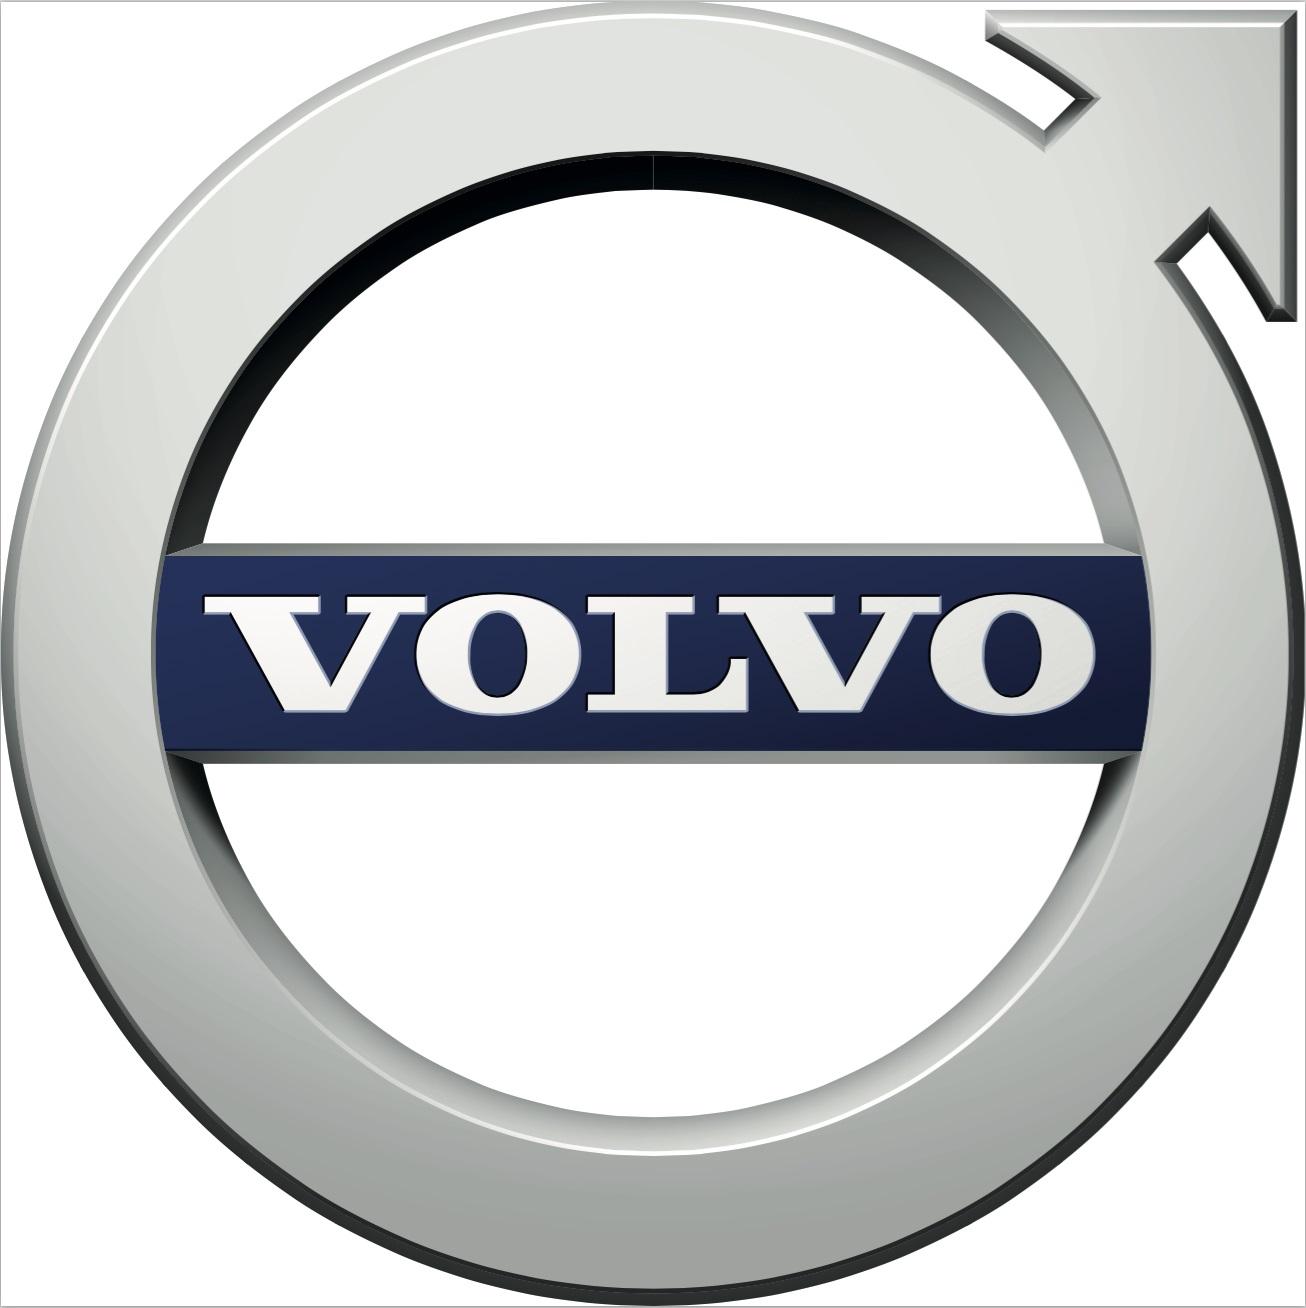 Volvo Van Kasteren